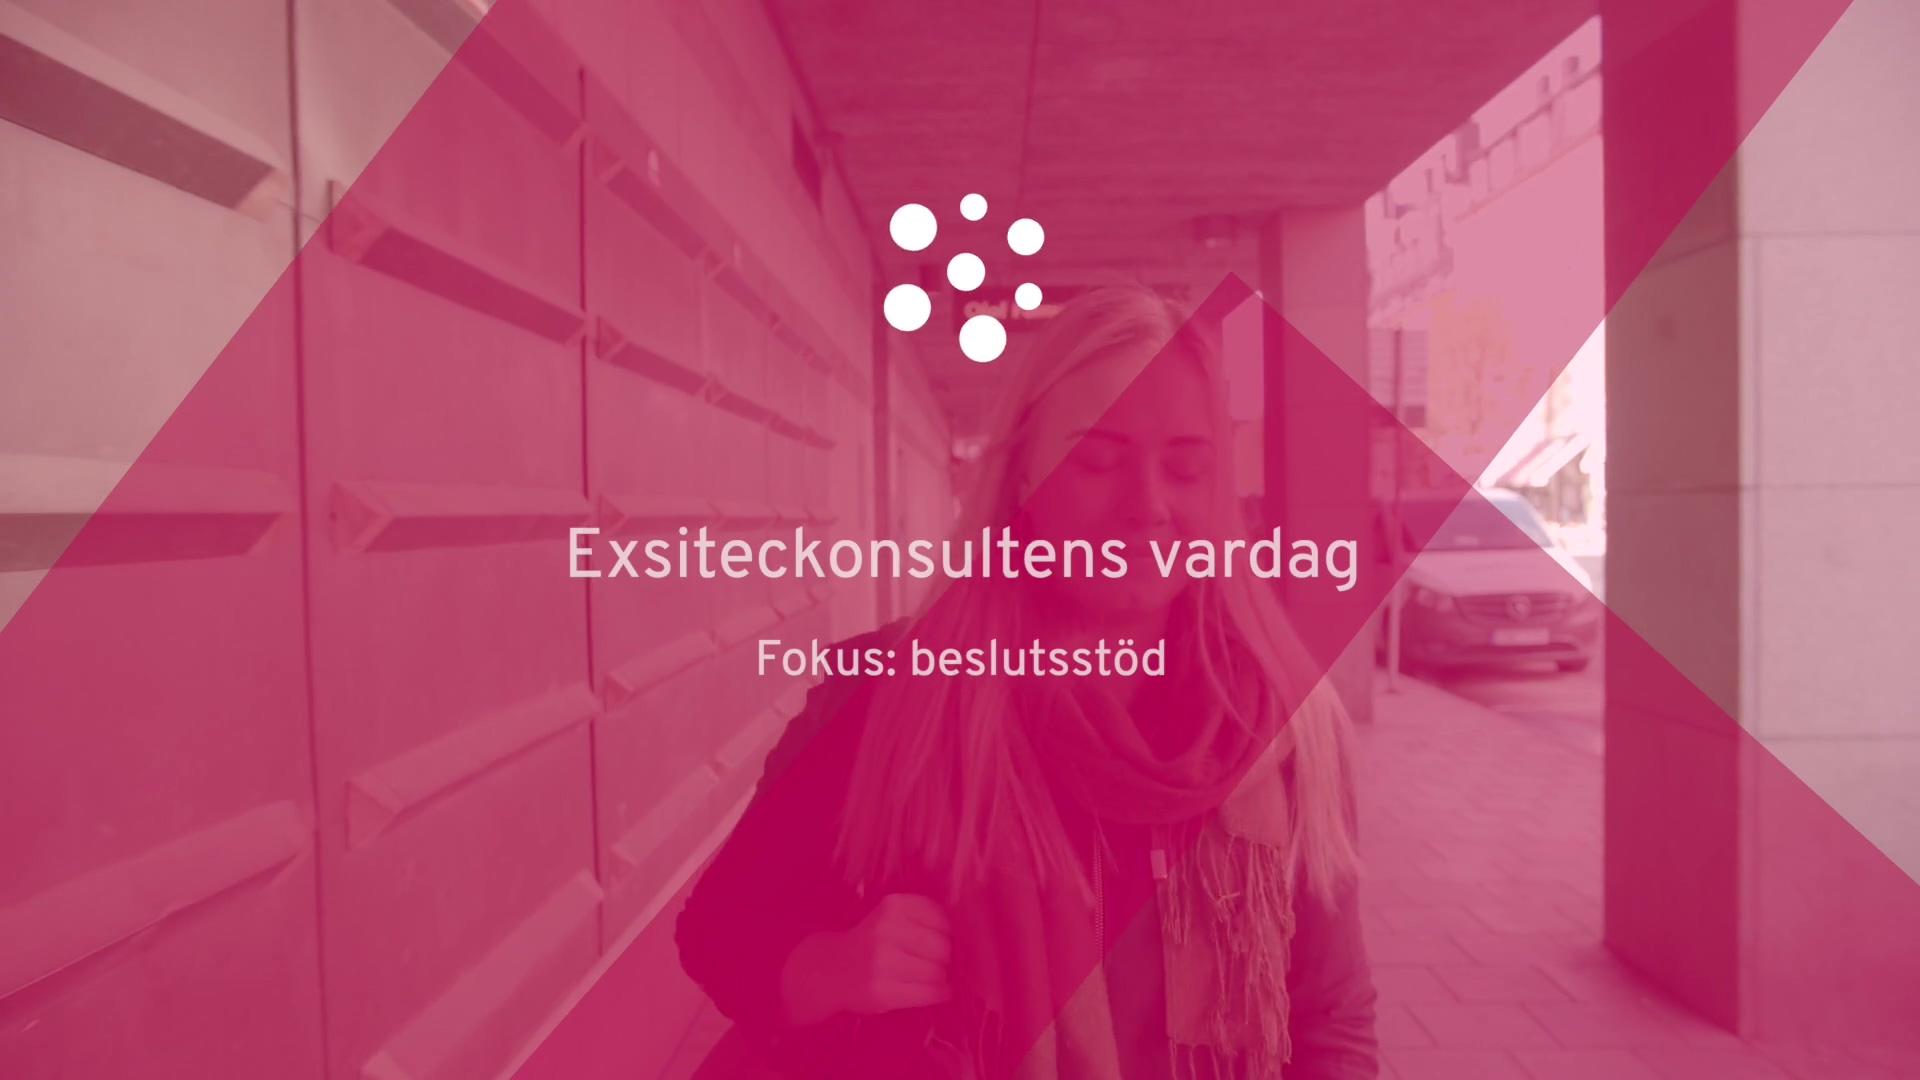 Exsiteckonsultens-vardag-beslutsstod